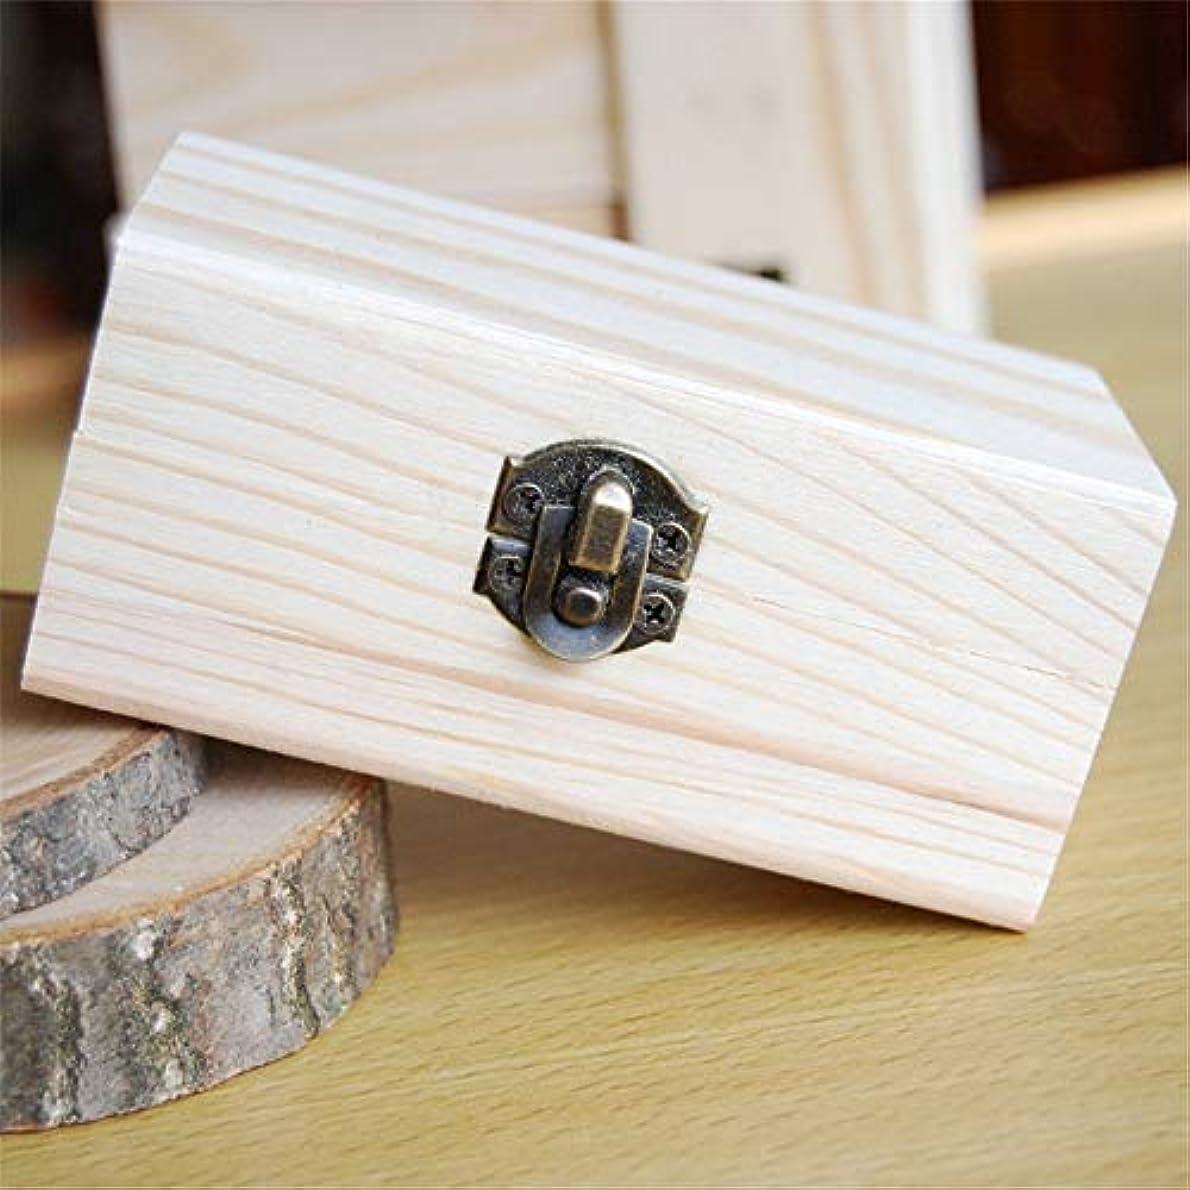 モード大学ビルエッセンシャルオイル収納ボックス あなたの油安全10x6x5cmを維持するための品質の木製エッセンシャルオイルストレージボックスベスト ポータブル収納ボックス (色 : Natural, サイズ : 10X6X5CM)